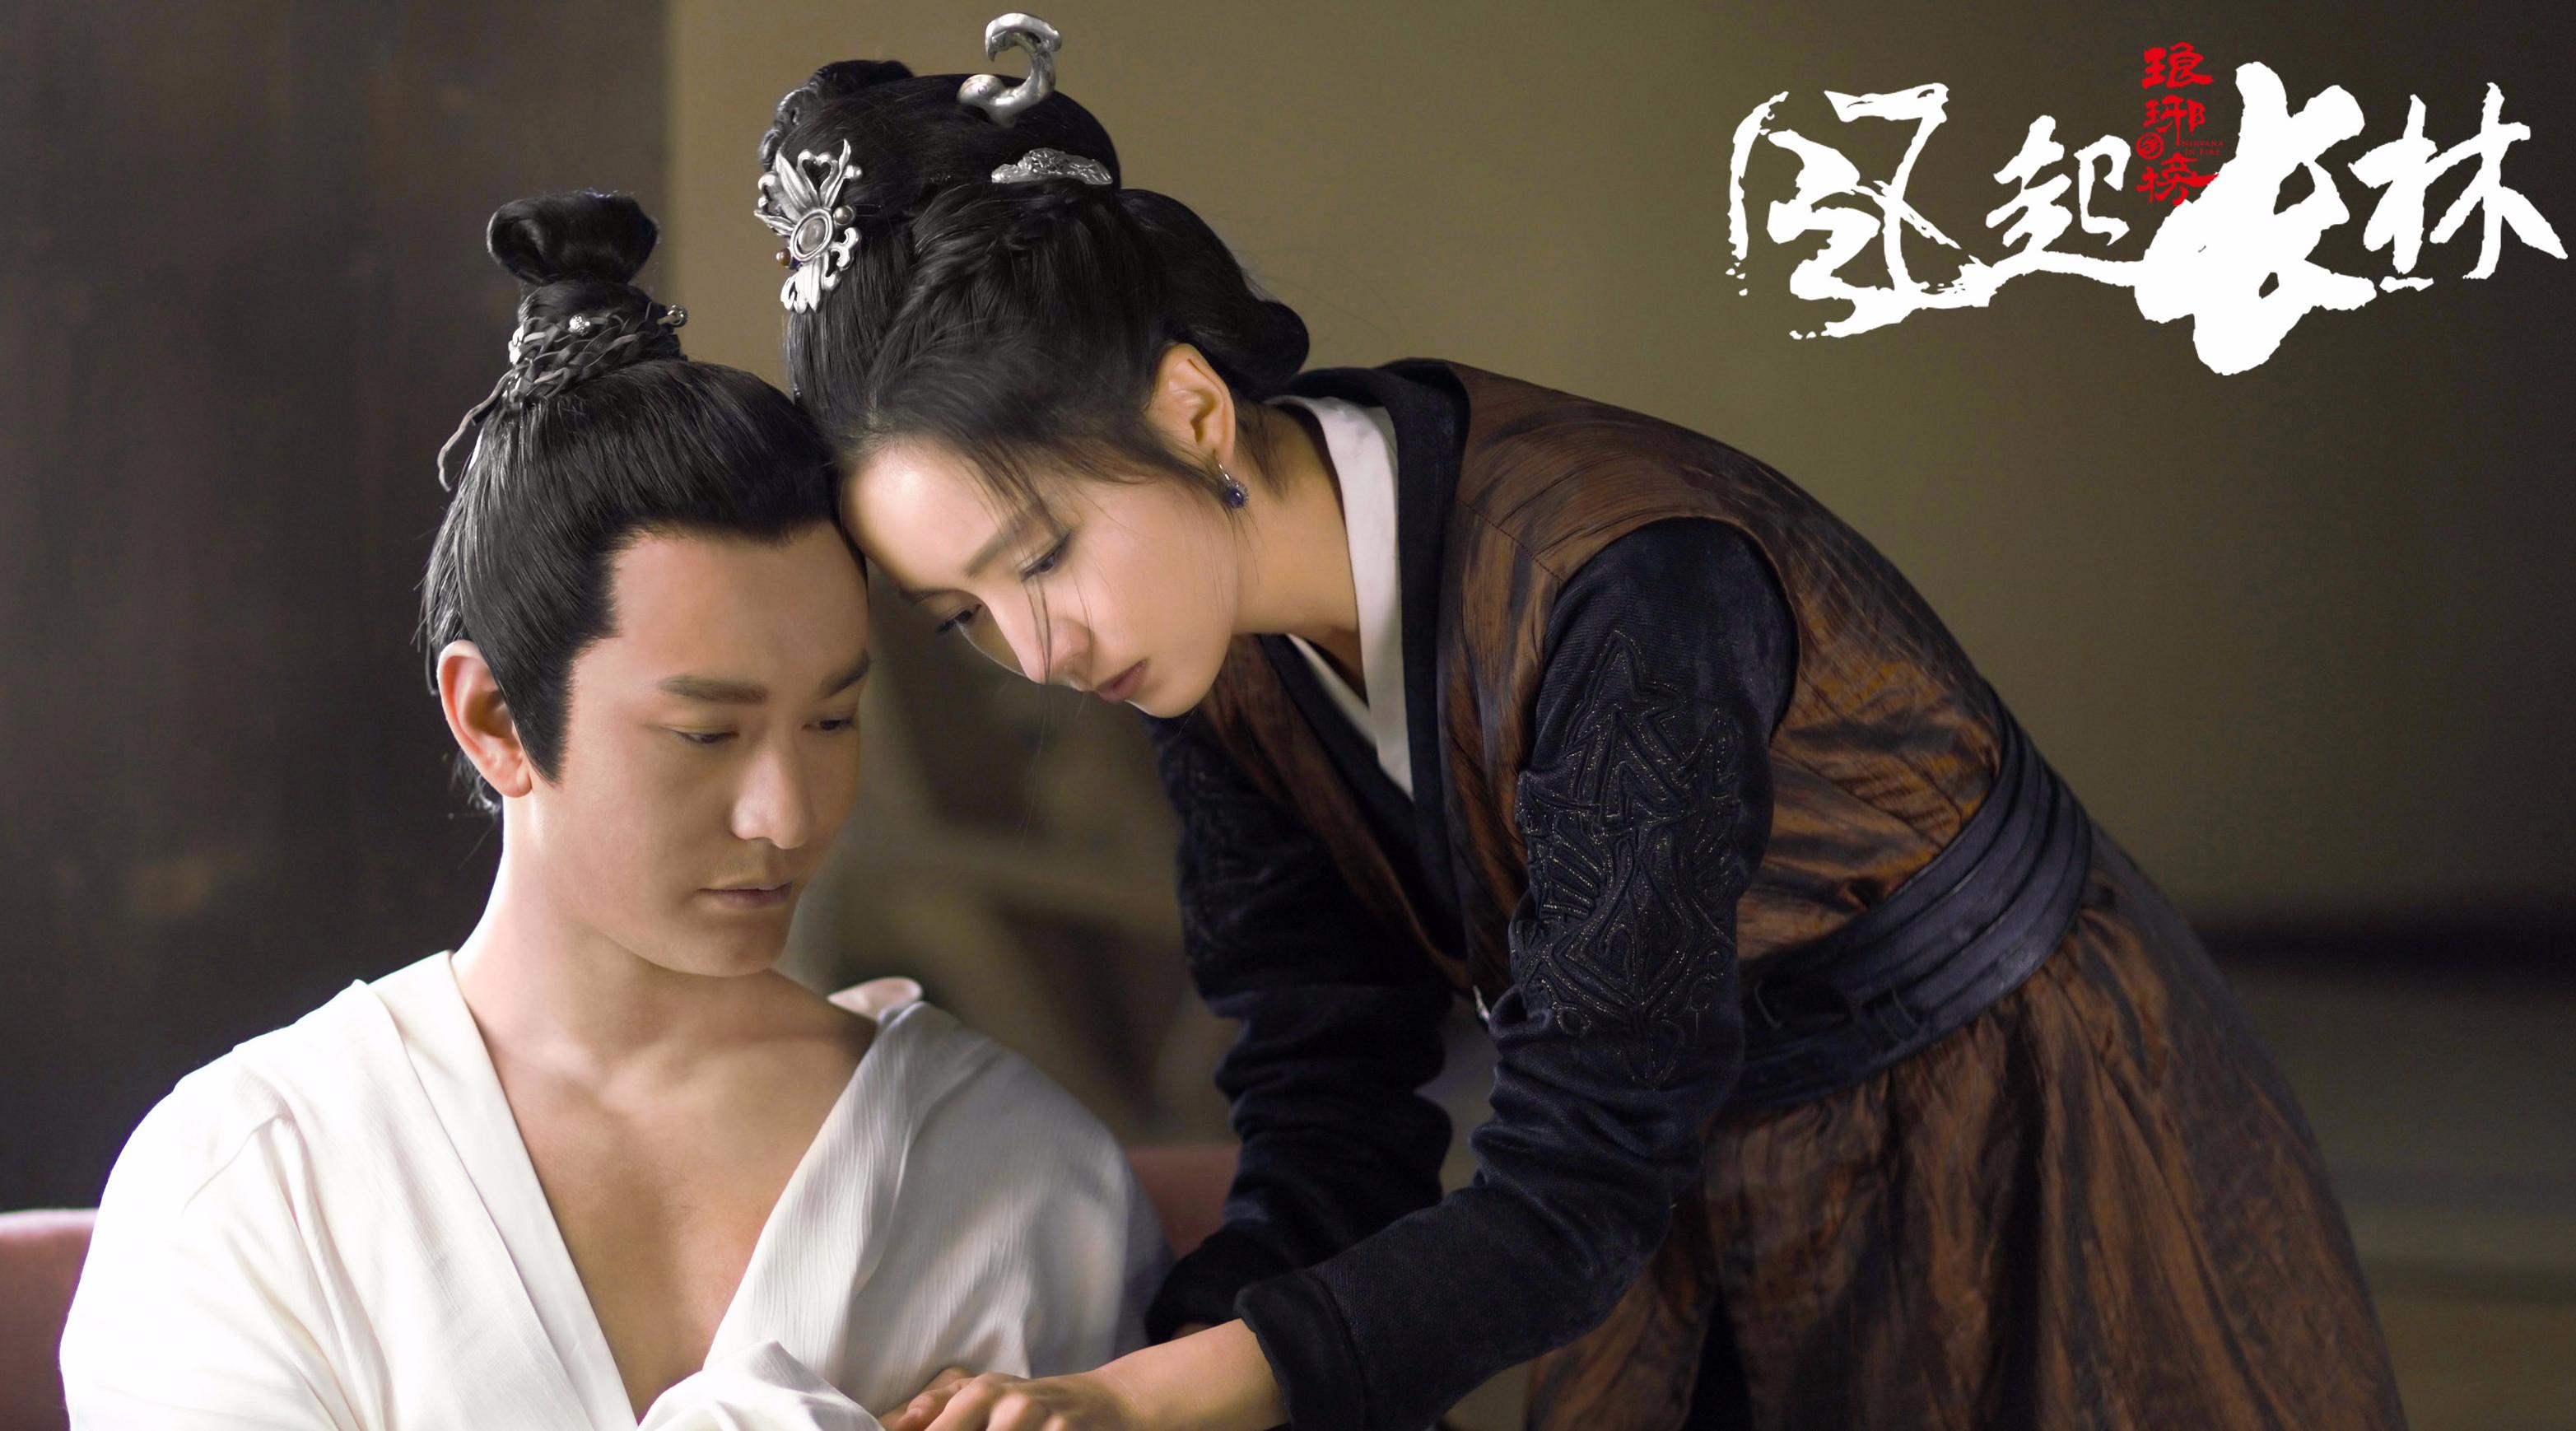 《琅琊榜之风起长林》完美收官,黄晓明、刘昊然演技获赞